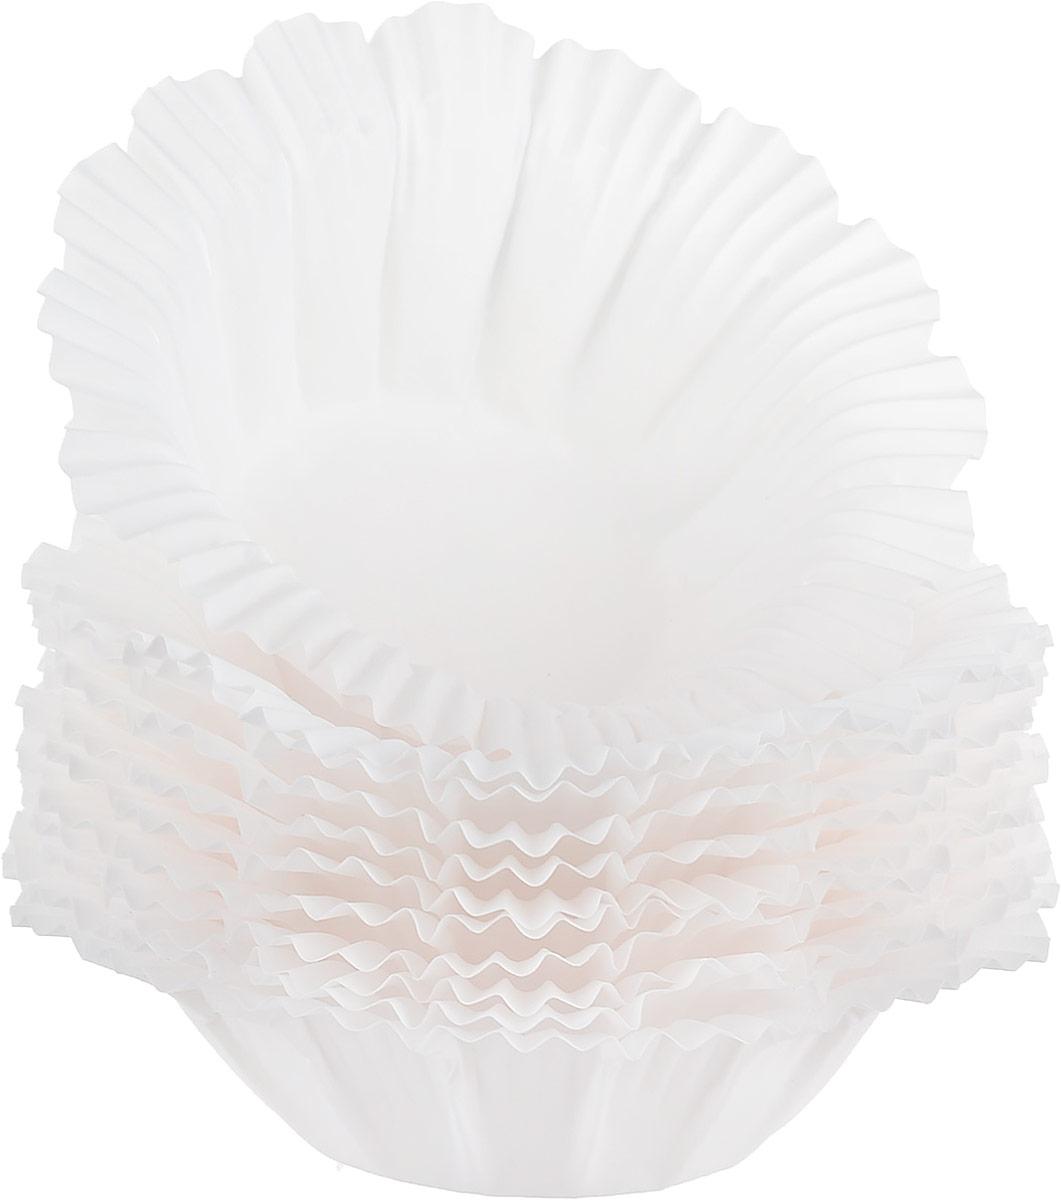 Набор бумажных форм для кексов Wilton Белый цветок, 12 штWLT-415-0176Используется для украшения кондитерских изделий. В наборе 12 шт. Материал: бумага.